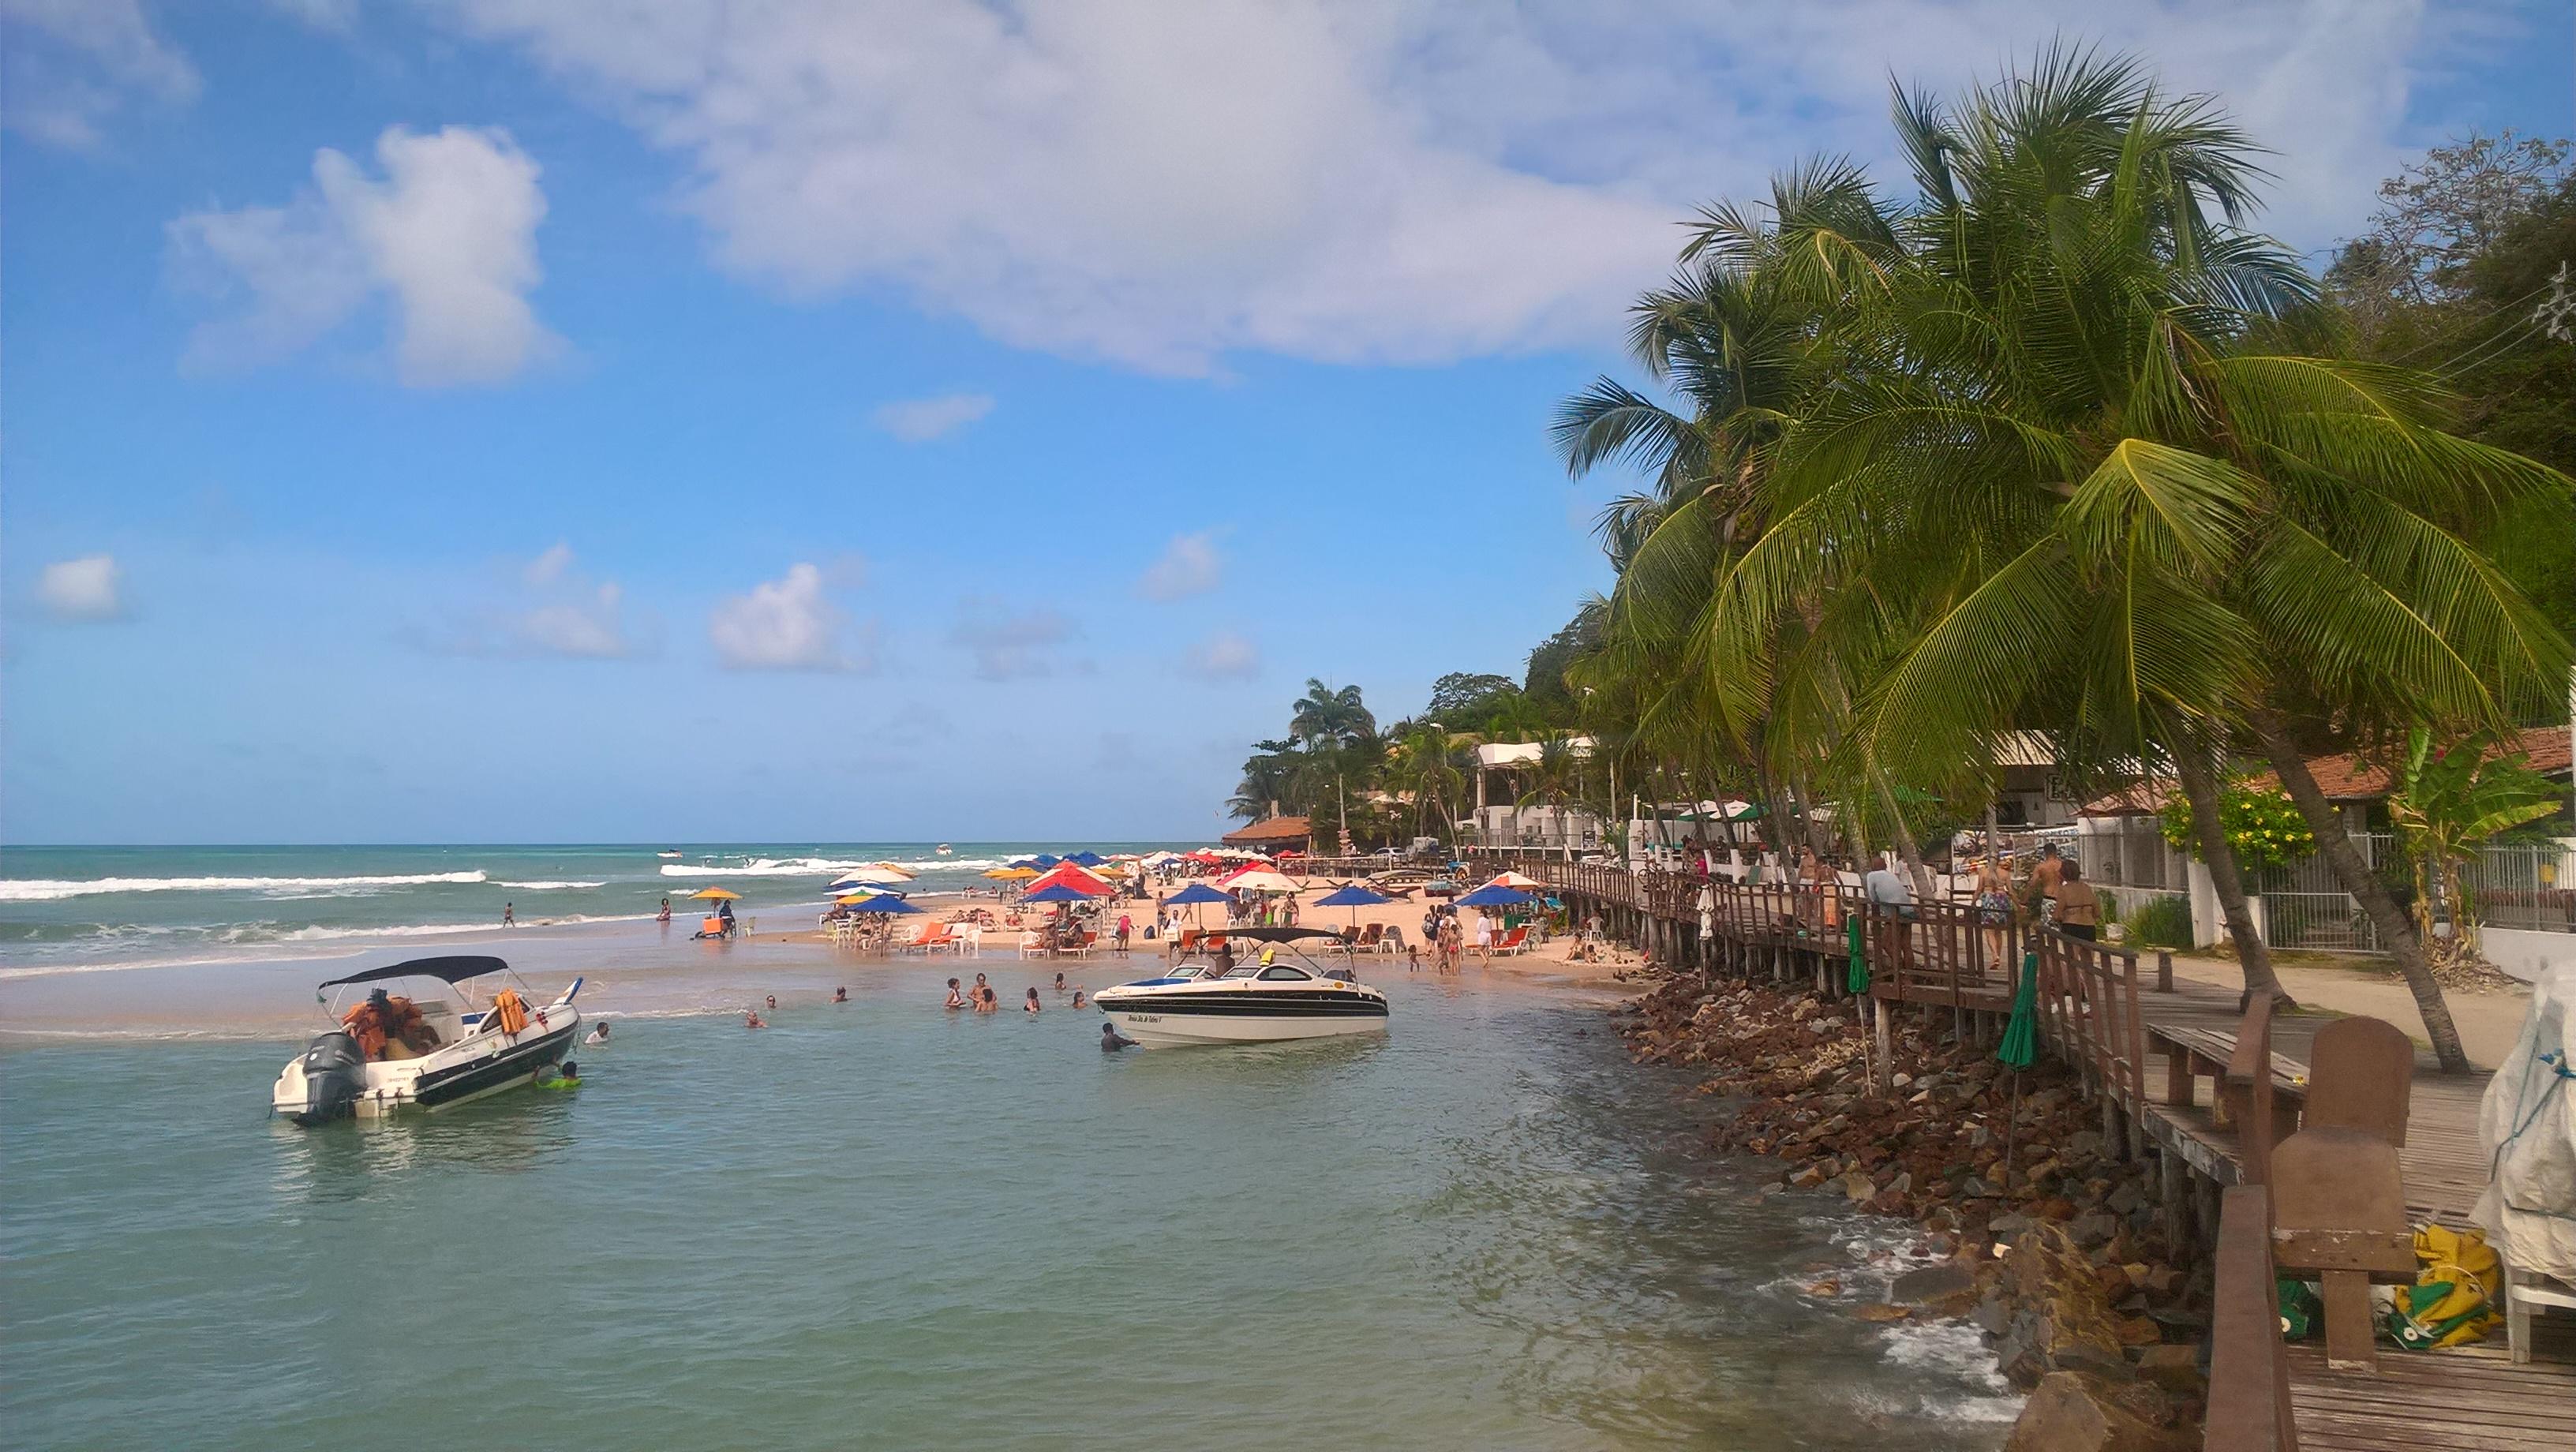 Beach of Pipa